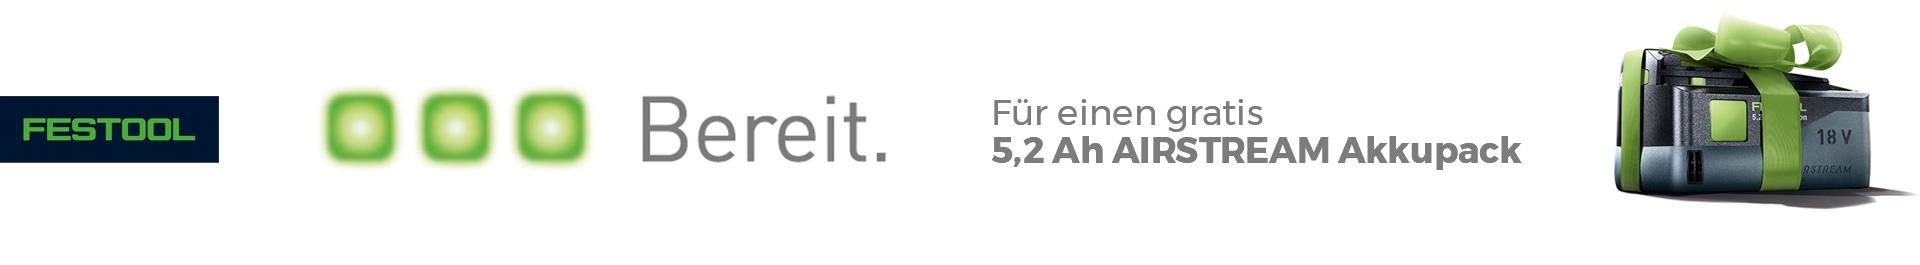 Festool - GRATIS* 18V Akkupack